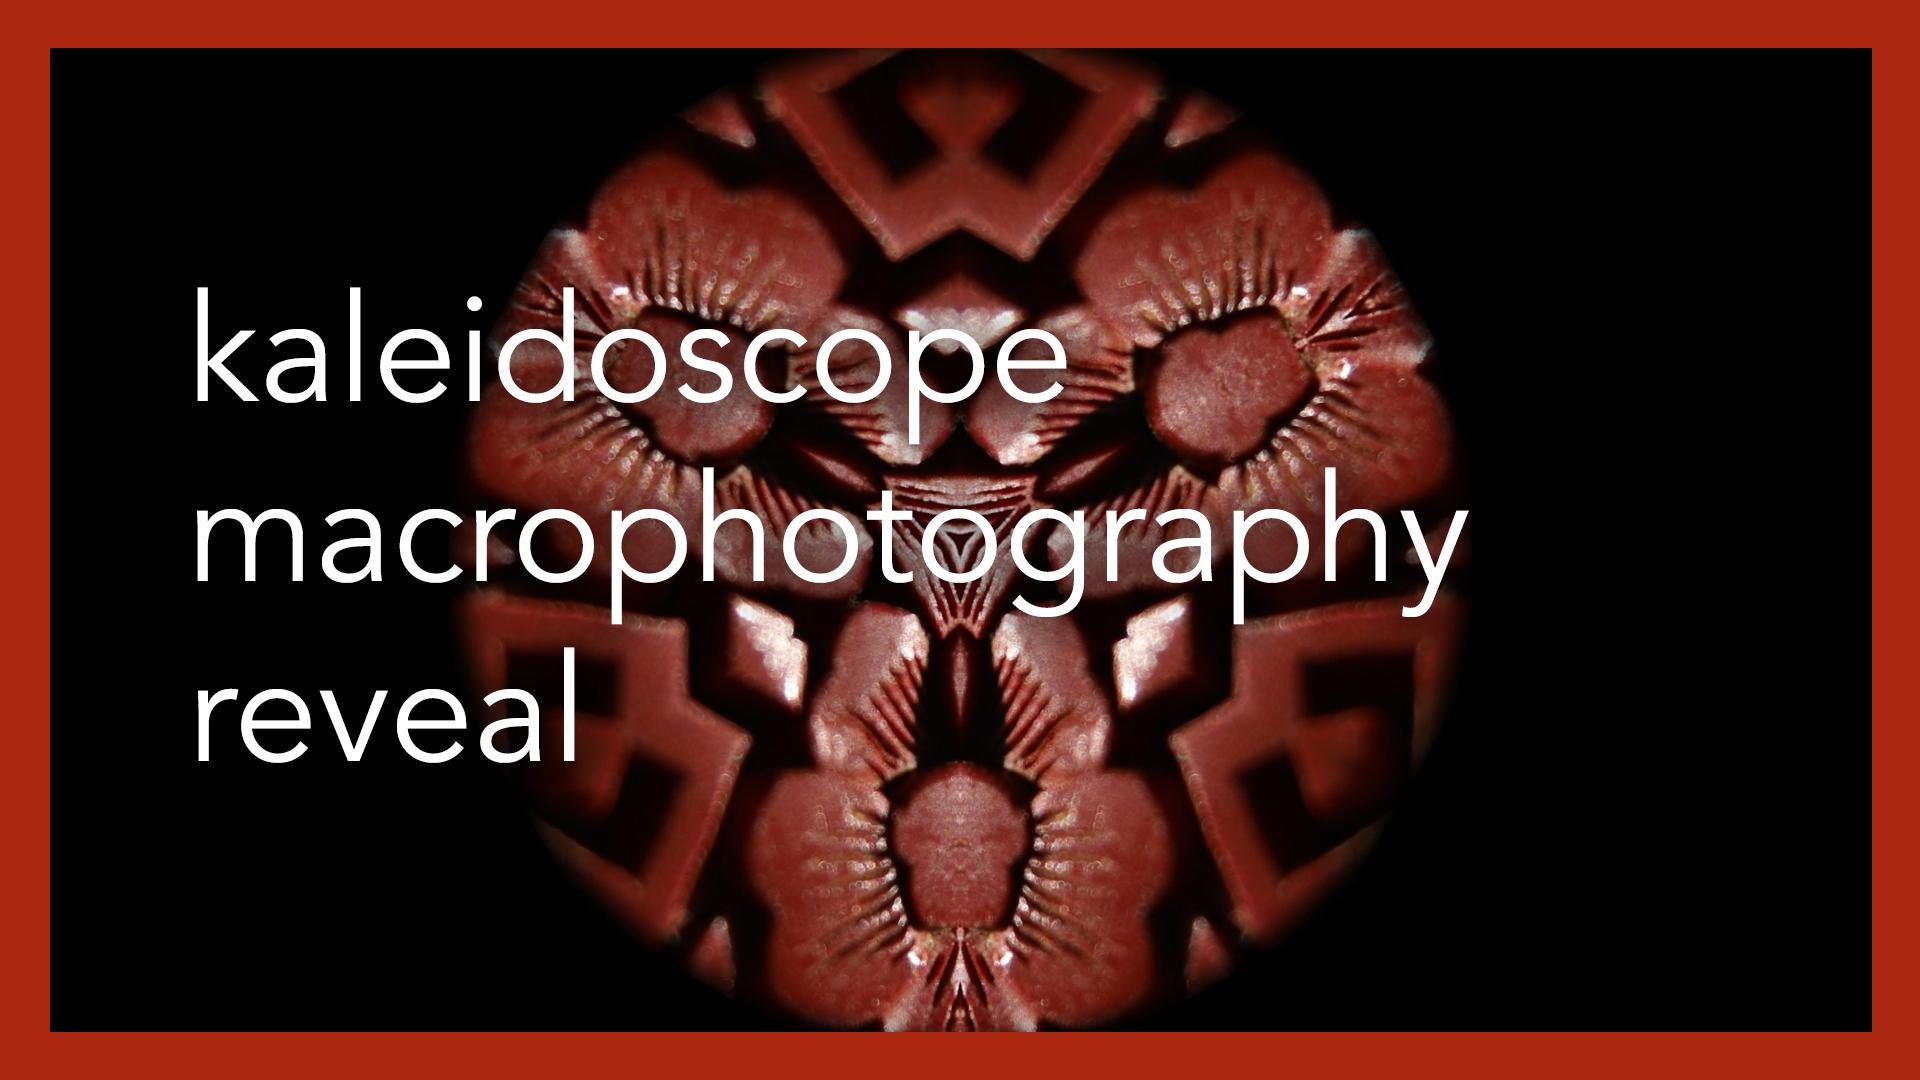 Kaleidoscope Macrophotography Reveal